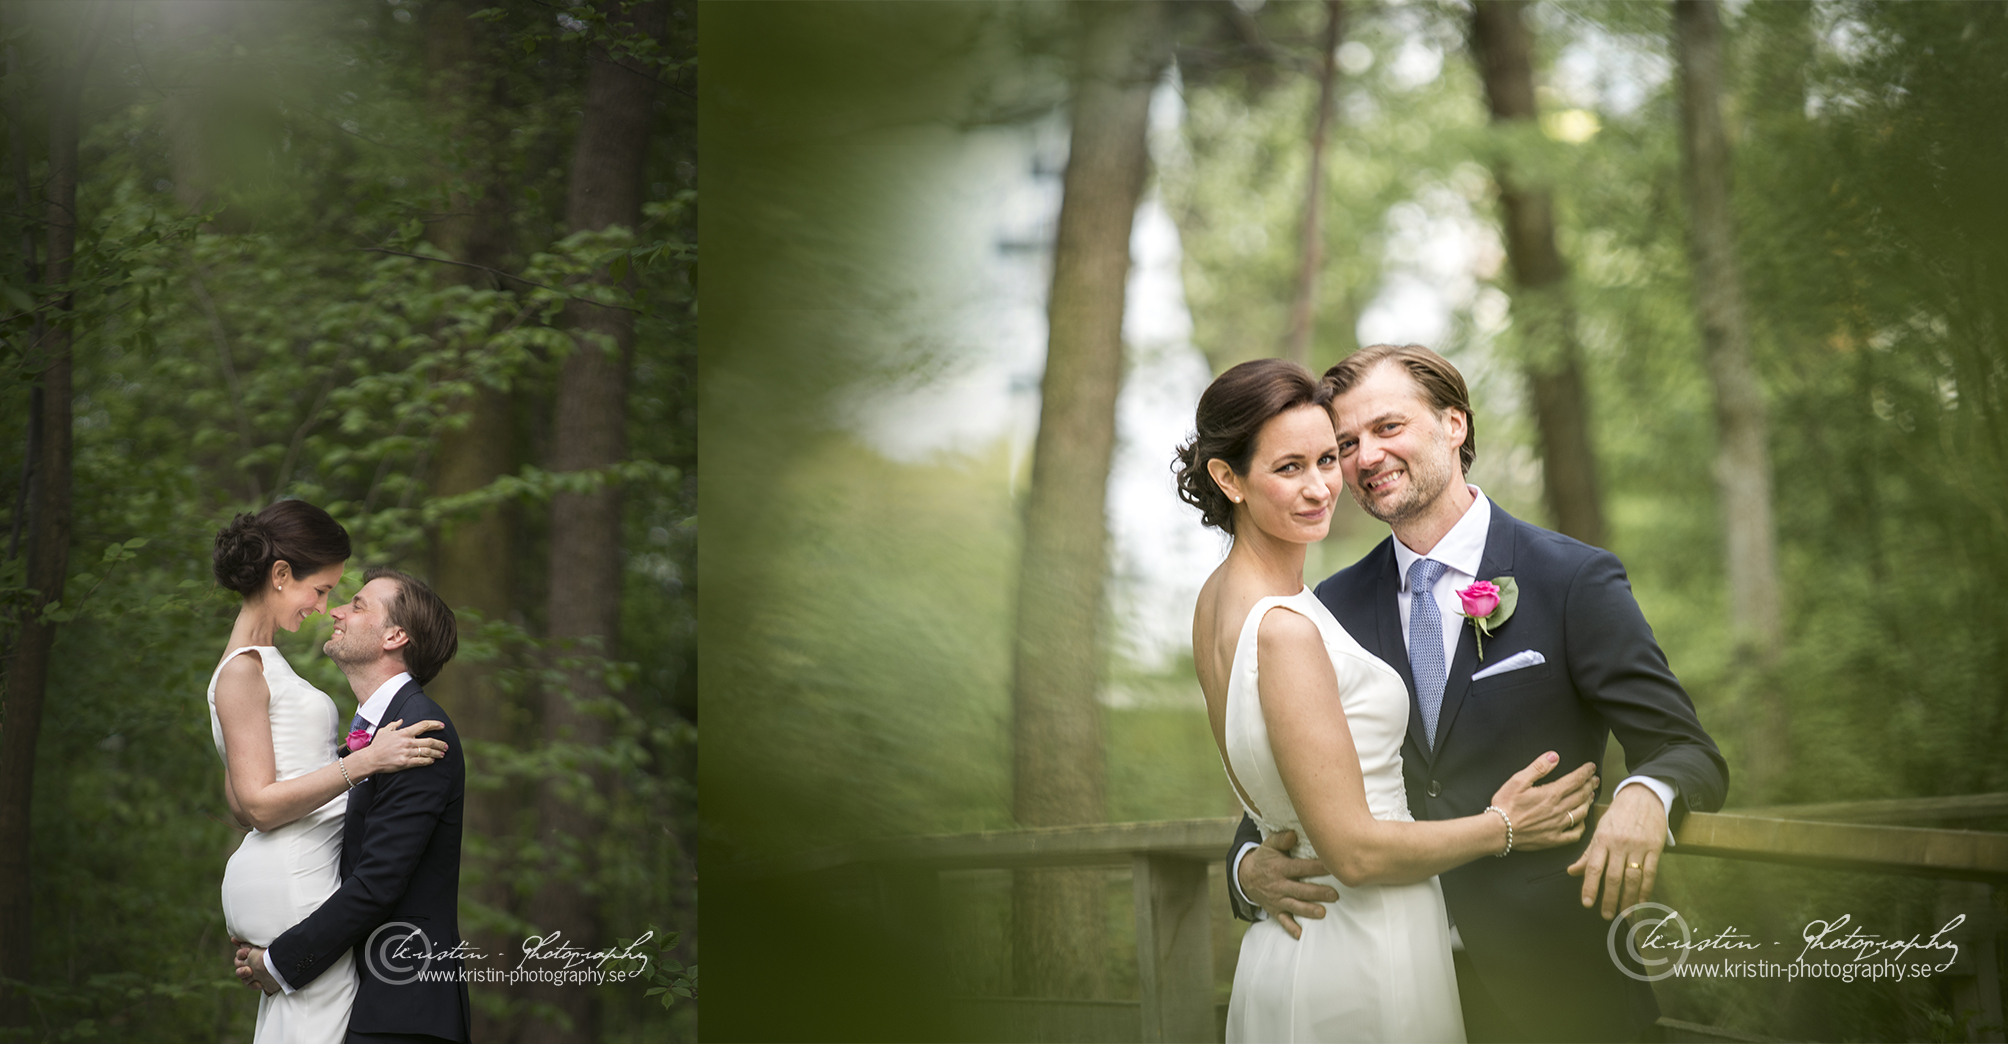 Bröllopsfotograf i Eskilstuna, Kristin - Photography, makeup-2cop.jpg